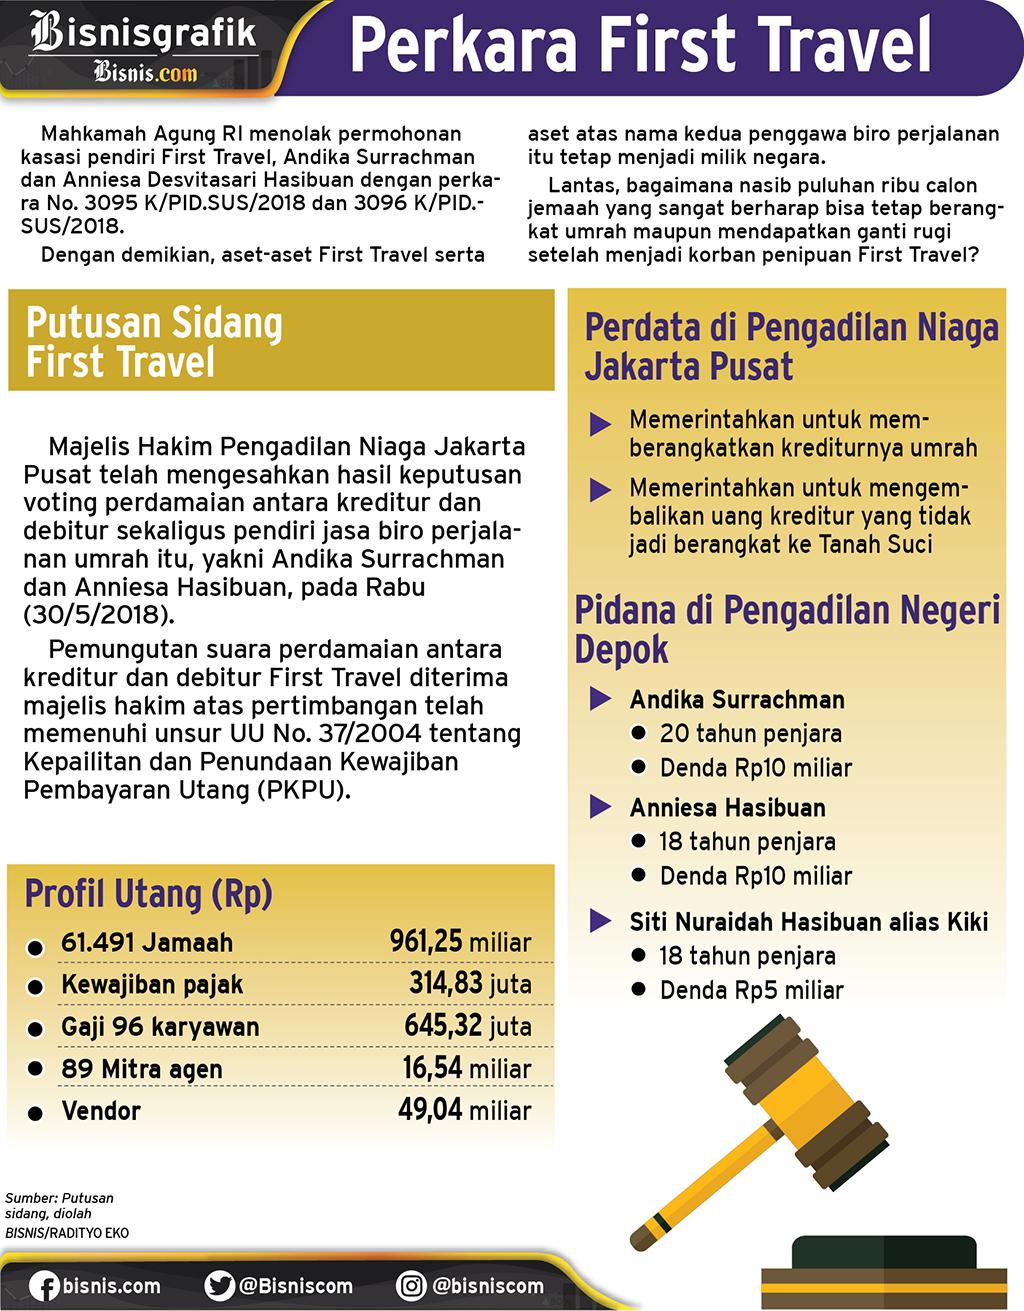 kasus first travel. / Radityo Eko  -  Airlangga Adiputra